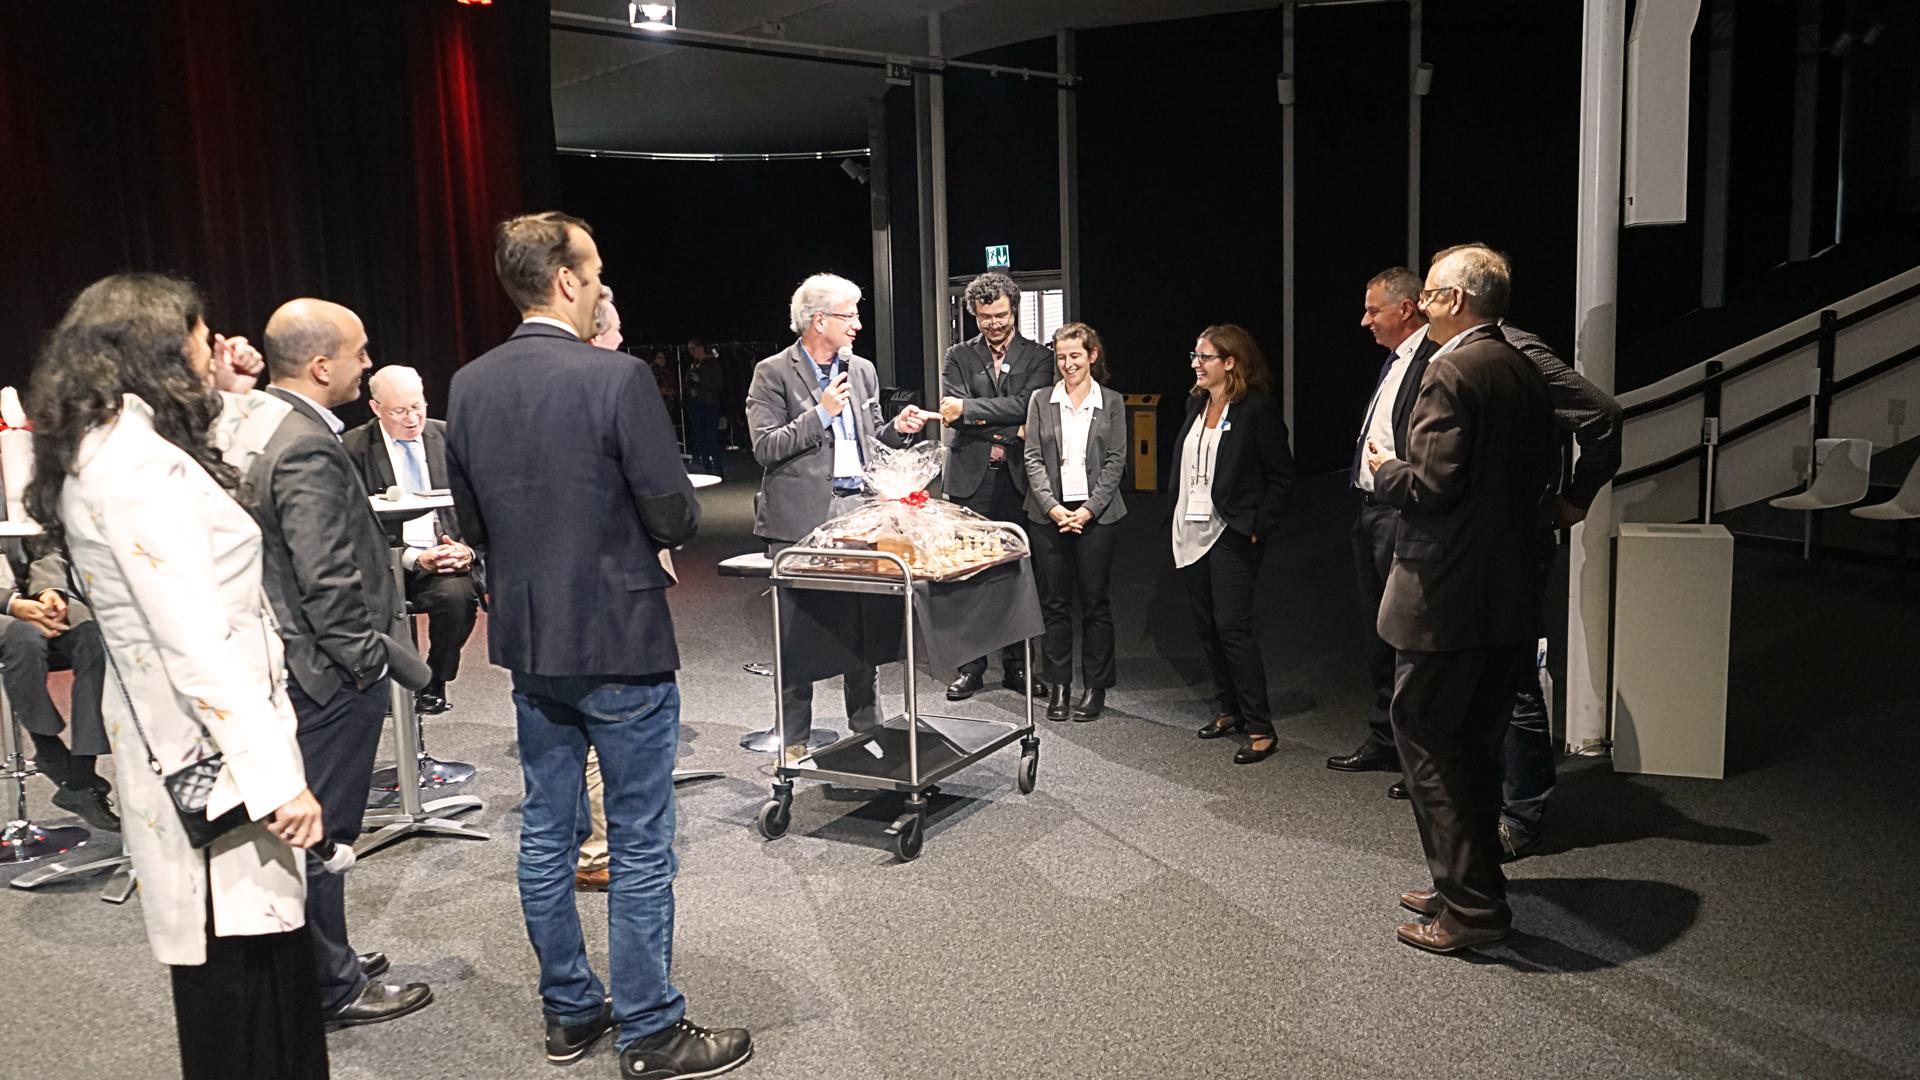 Rolf - cibm15 event